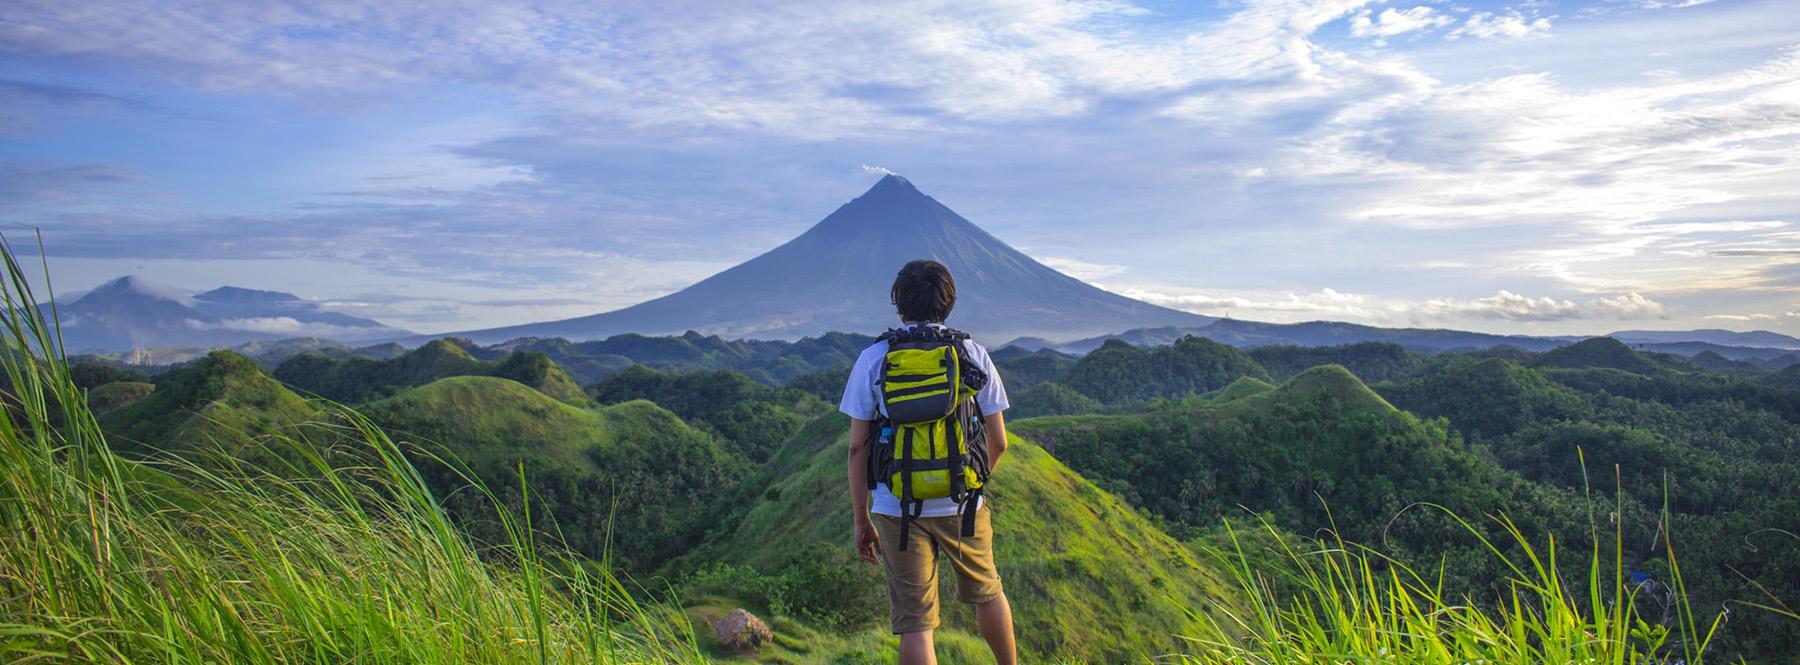 Claves para un turismo responsable y sostenible